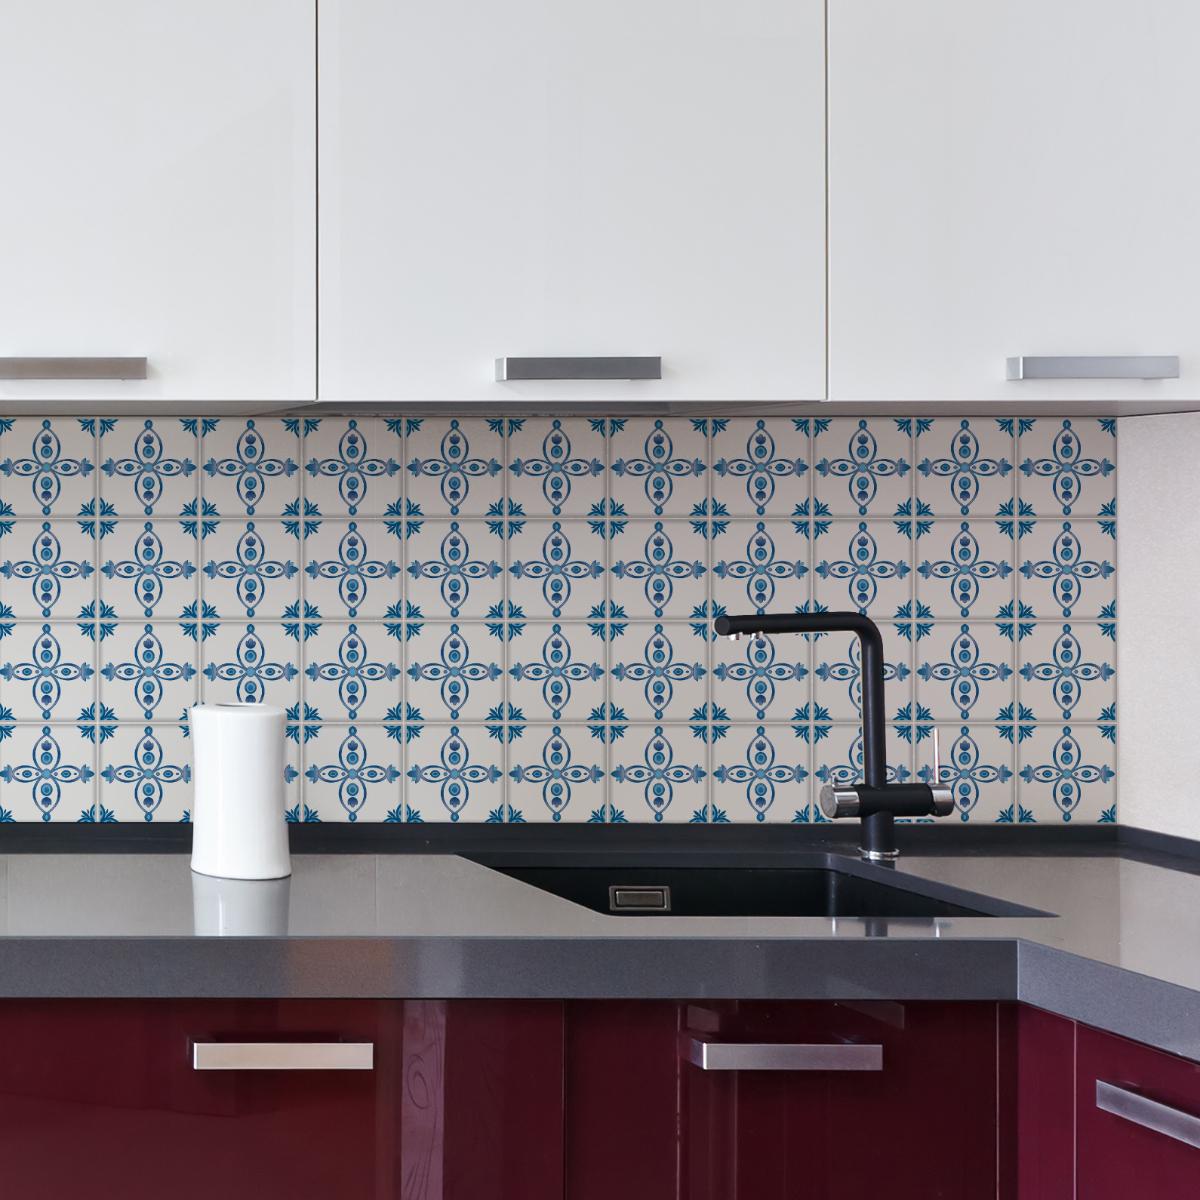 24 stickers carreaux de ciment delft dordrecht cuisine carrelages ambiance sticker. Black Bedroom Furniture Sets. Home Design Ideas